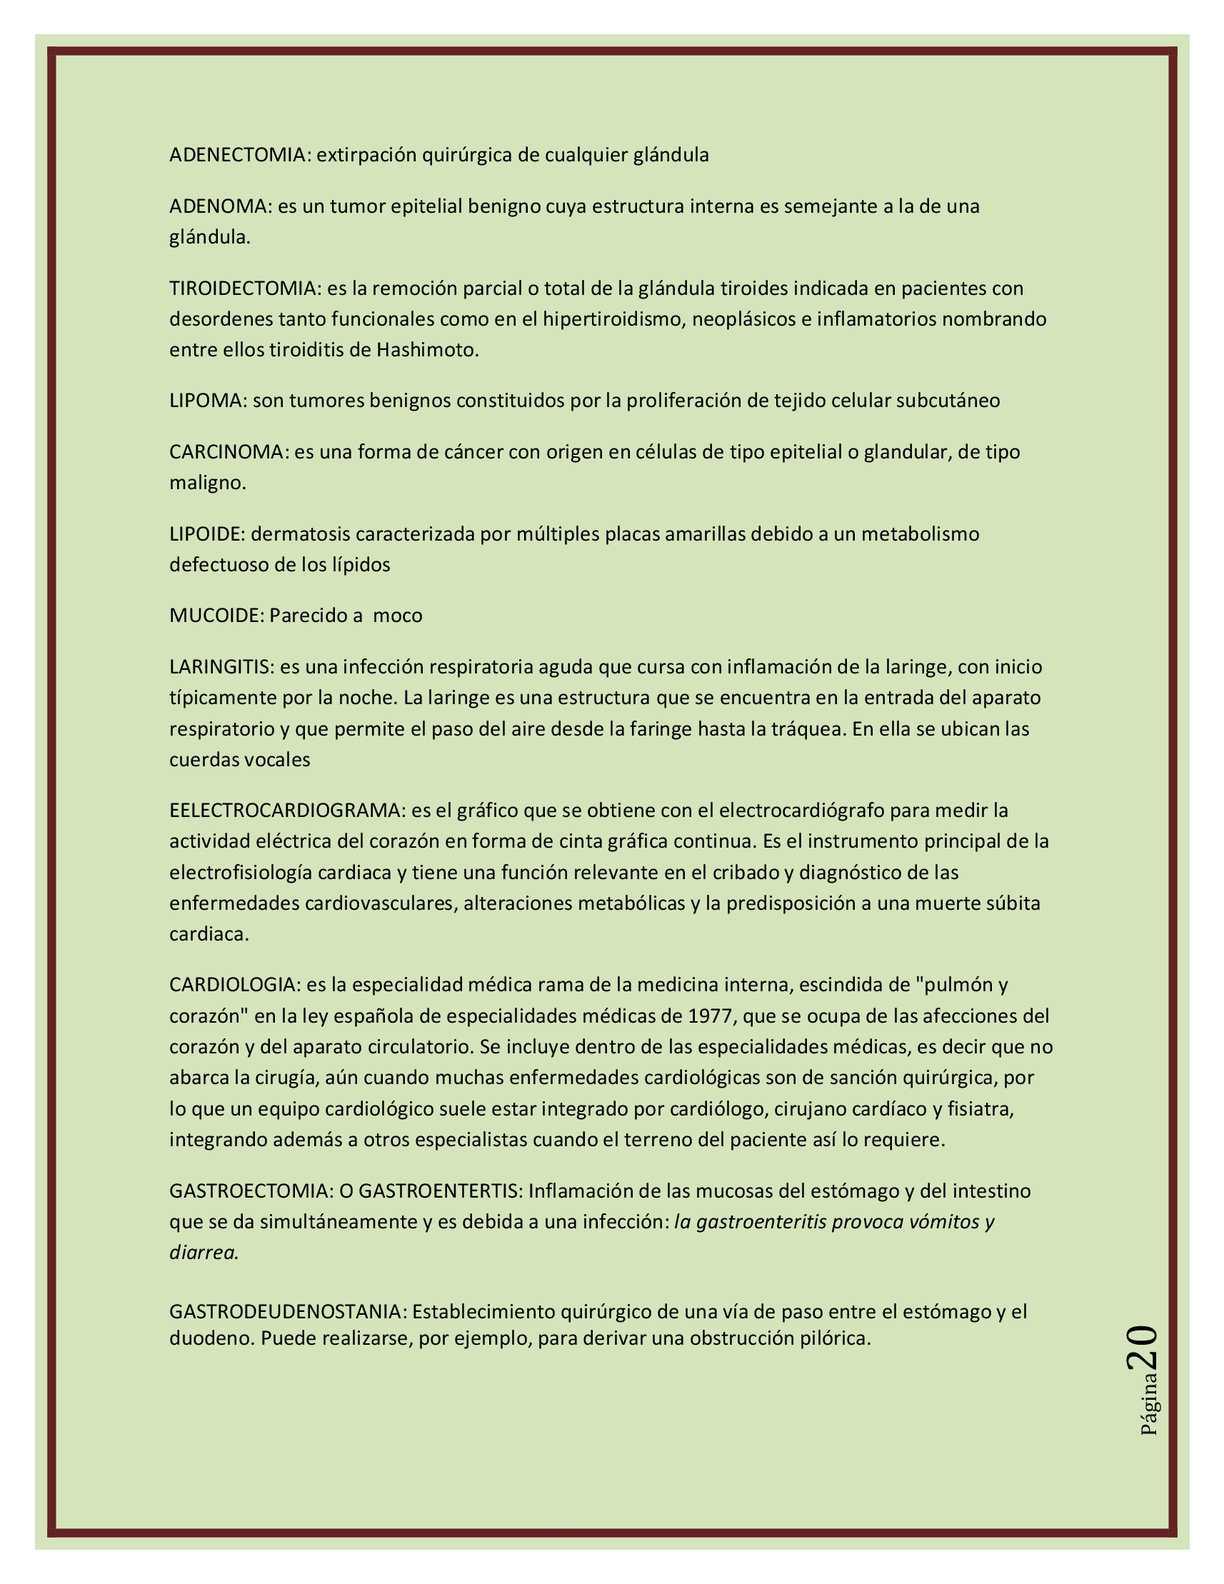 Famoso Trastornos De Las Uñas Y Enfermedades Galería - Ideas Para ...